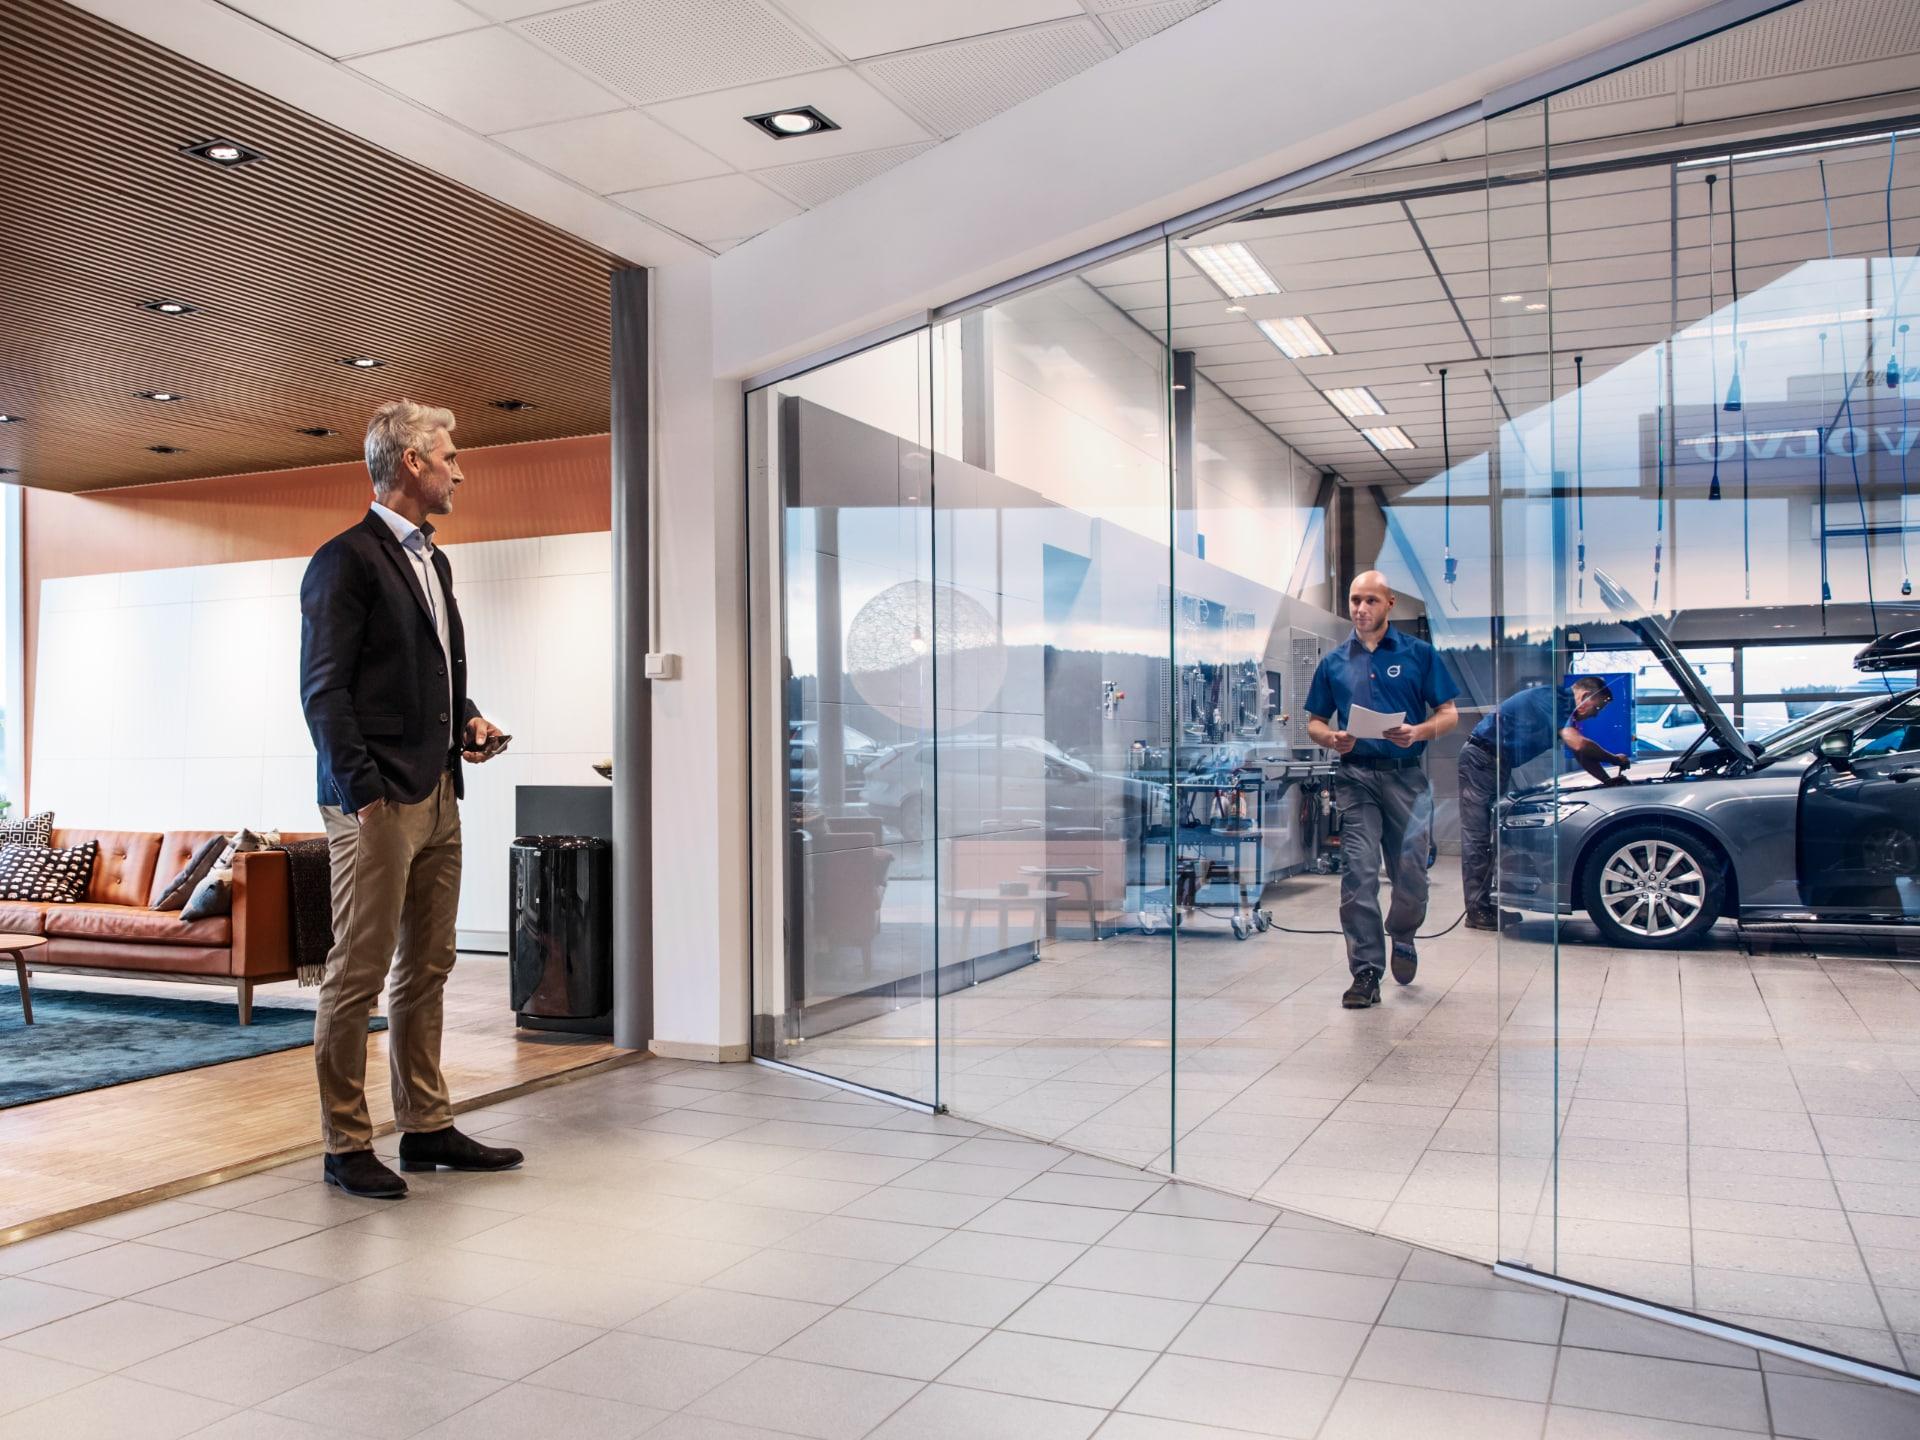 Ein Mann steht im Wartebereich der Volvo-Werkstatt.